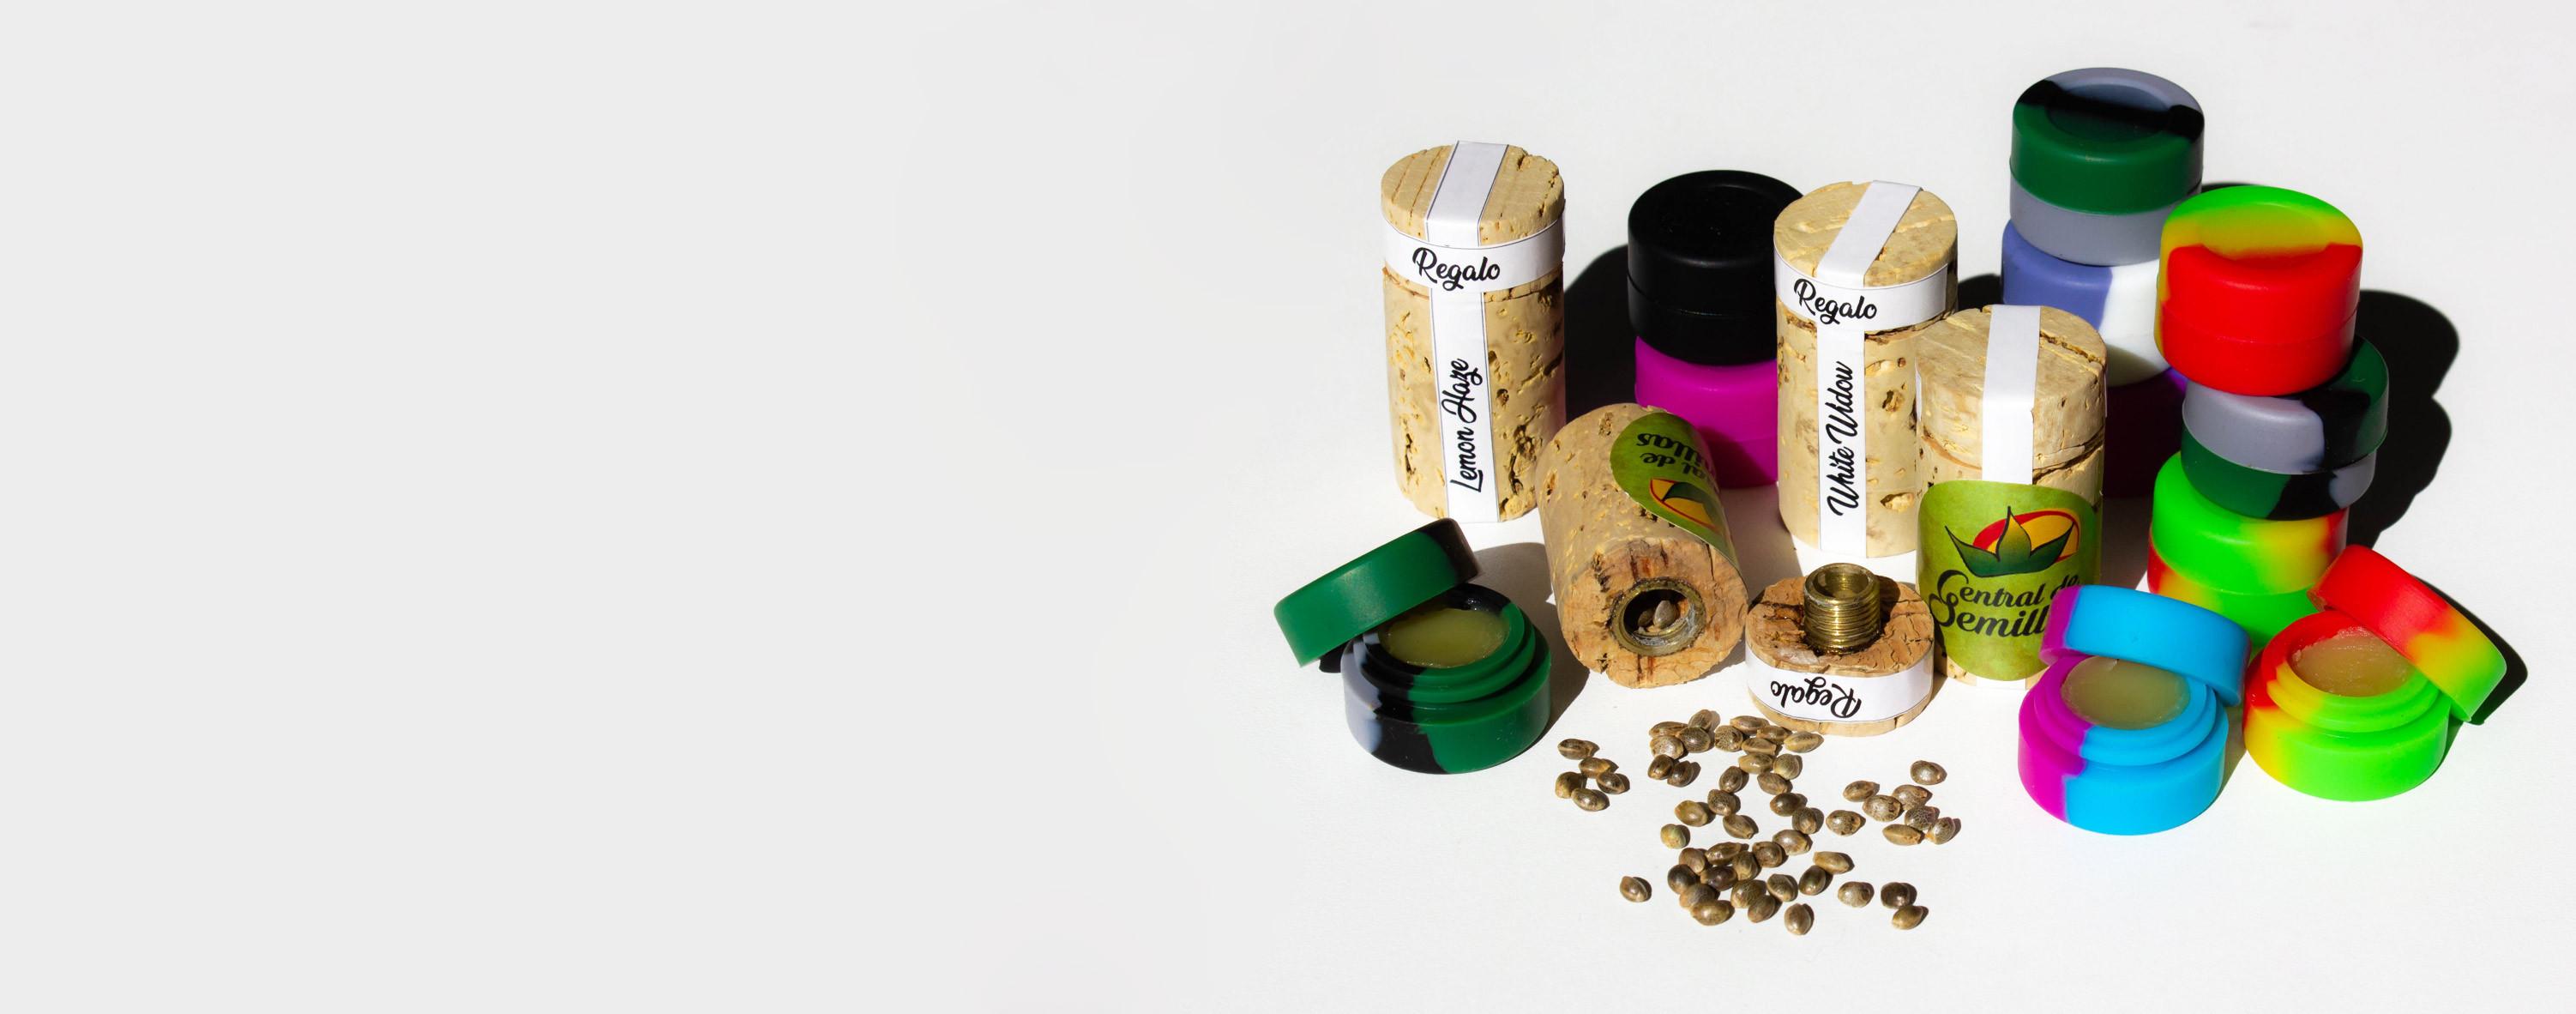 Regalos con cada compra de semillas de cannabis